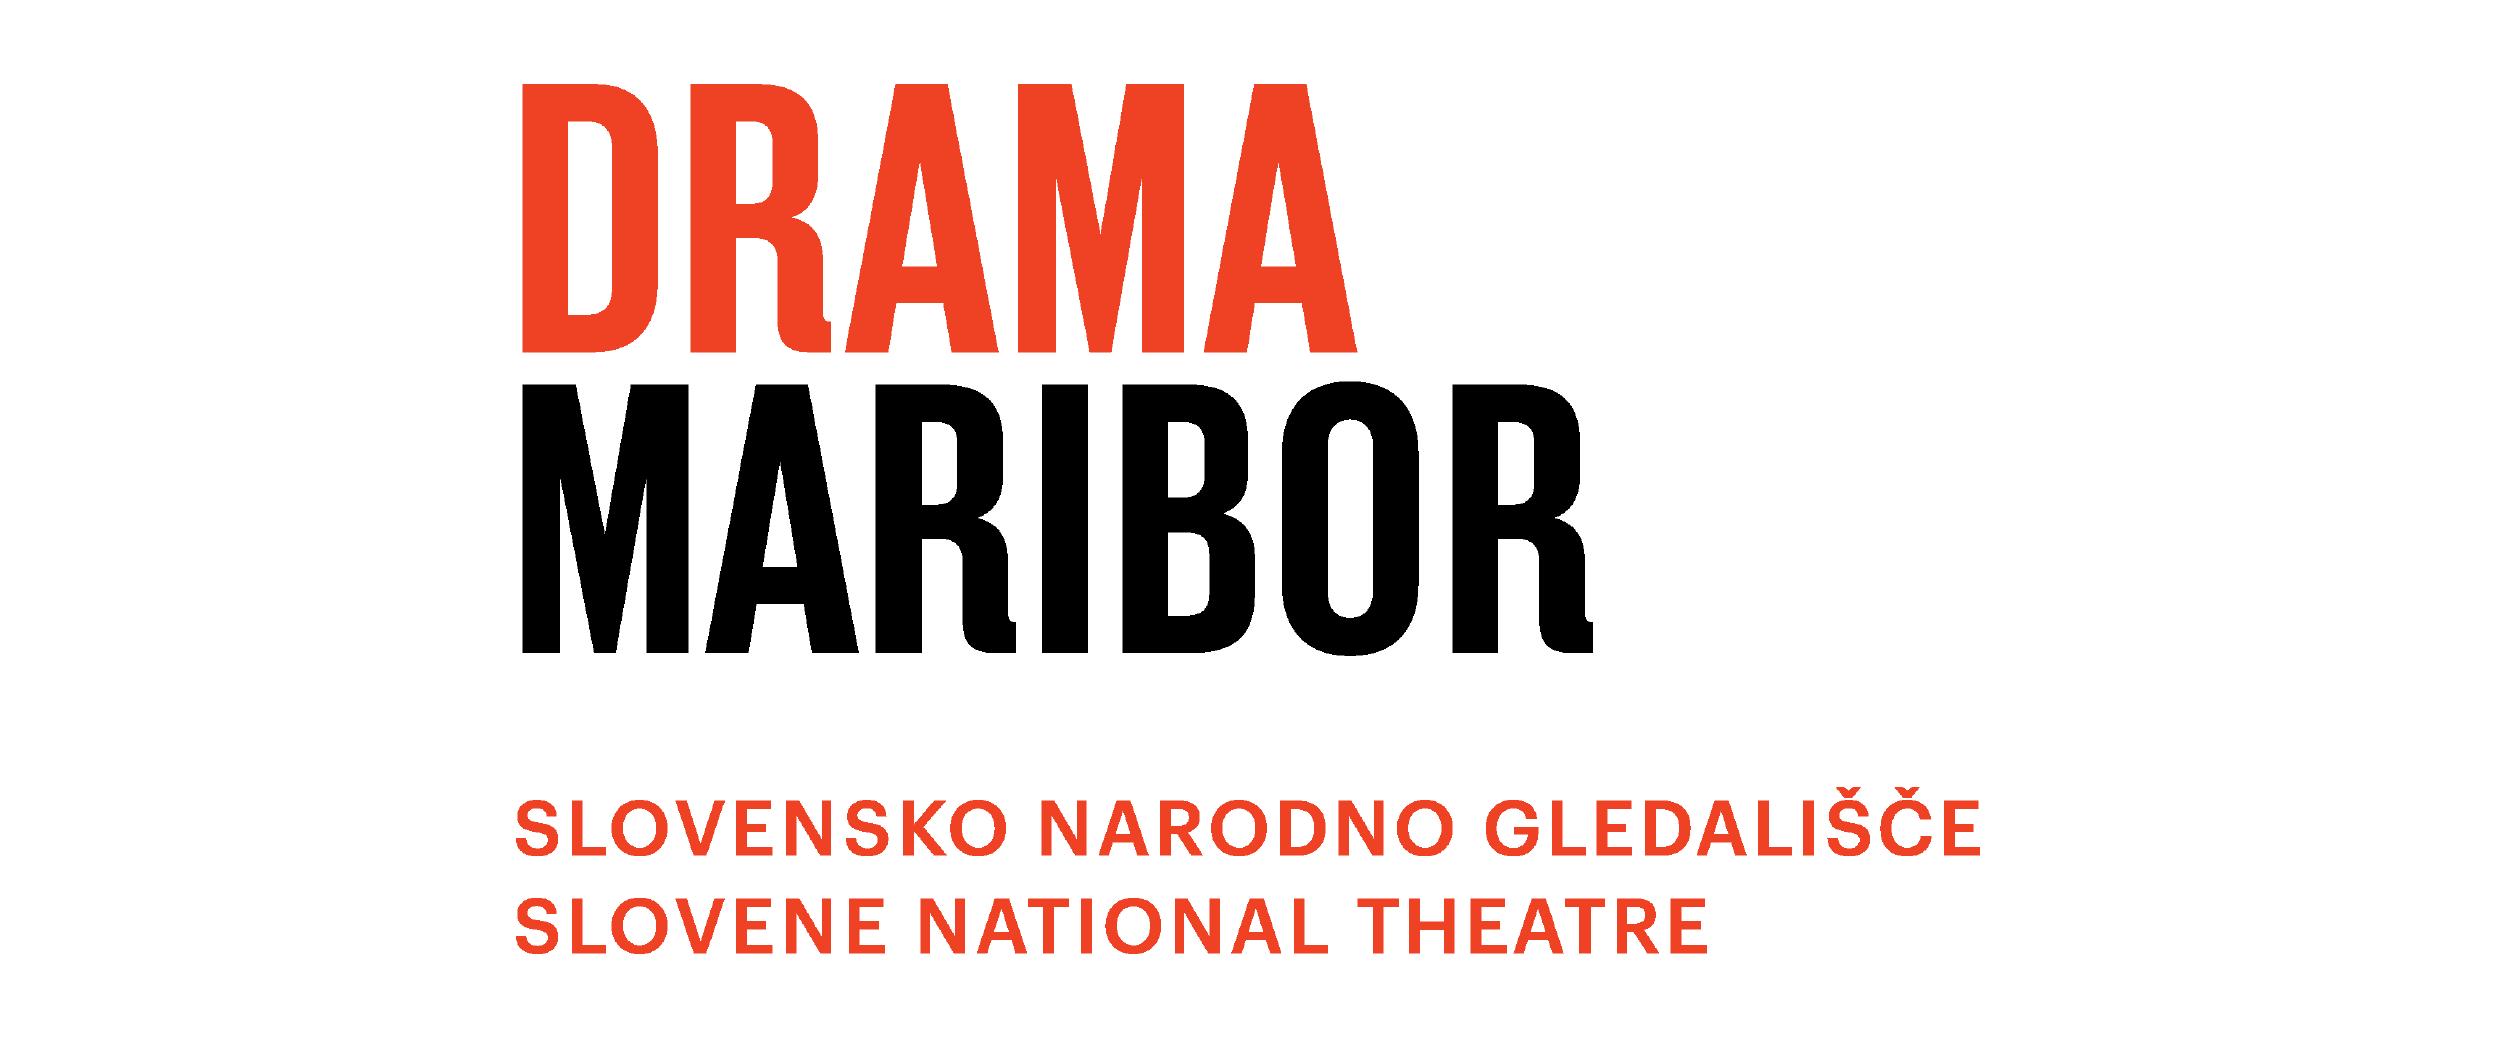 SNG-Romeo_in_Julija_drama_logo_crnordec-01